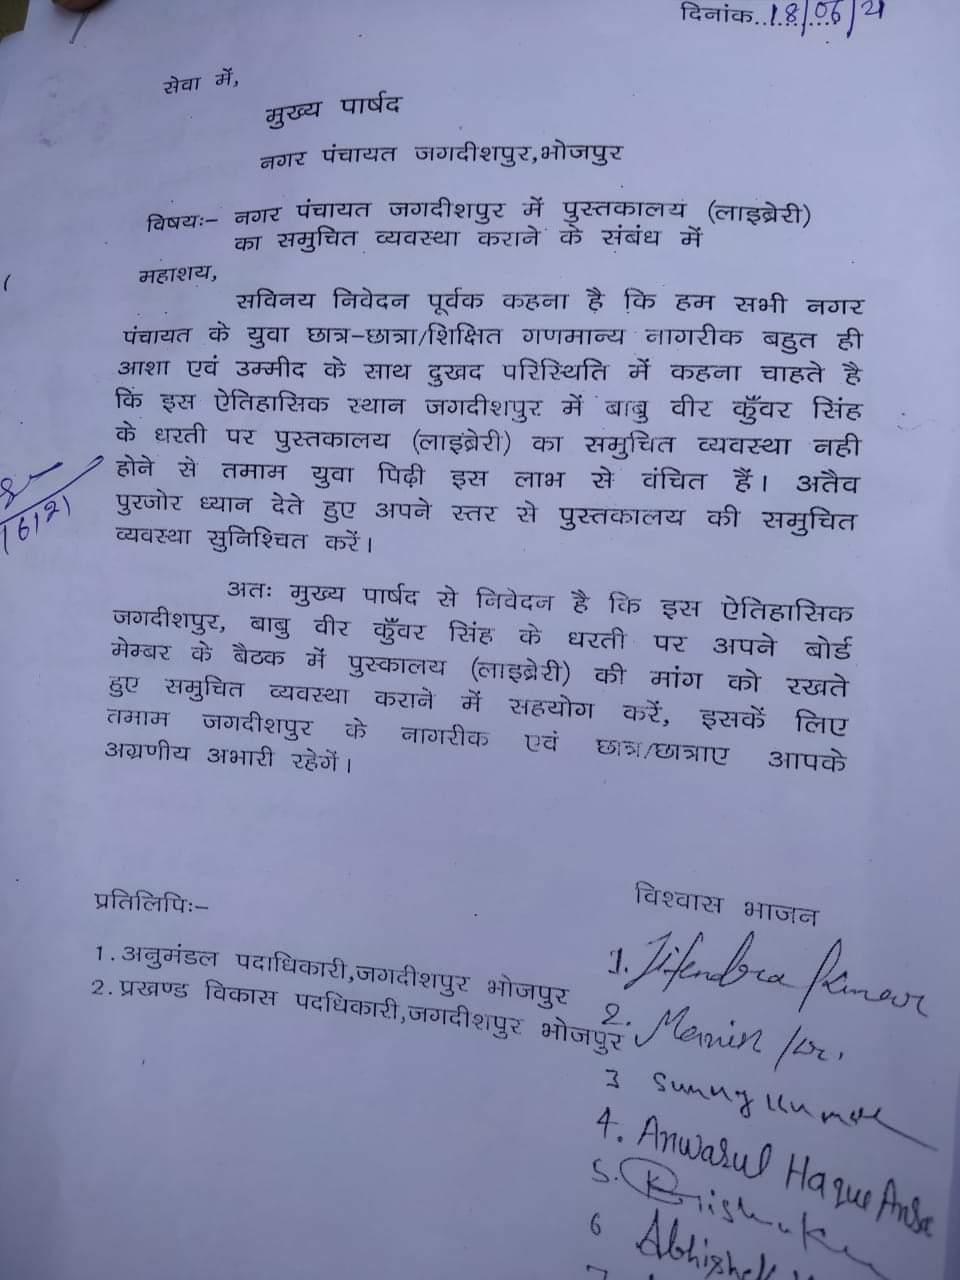 जगदीशपुर में सार्वजनिक पुस्तकालय खोले जाने की उठी मांग